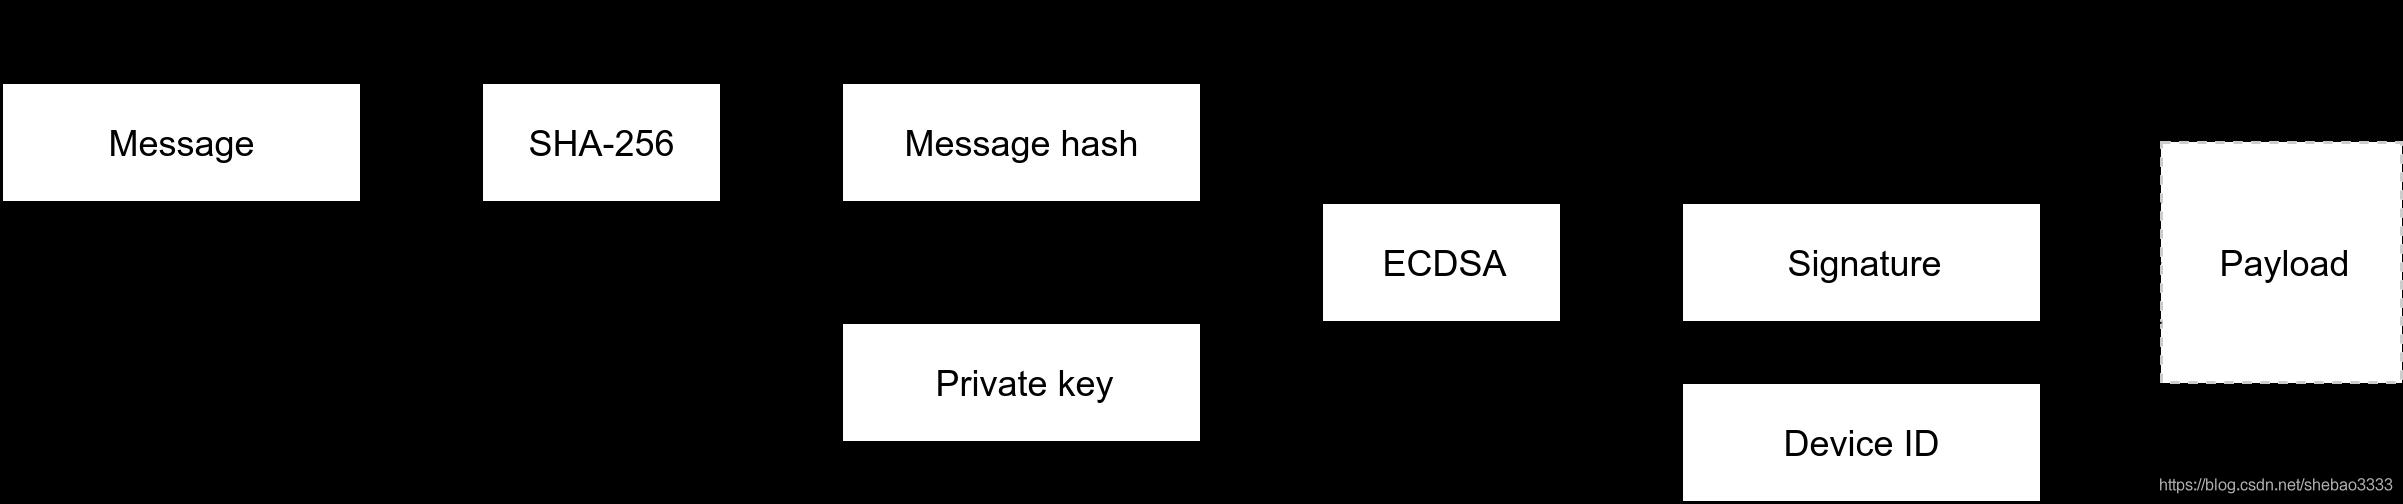 [外链图片转存失败,源站可能有防盗链机制,建议将图片保存下来直接上传(img-7Mrimgpt-1580862797776)(ethereum-iot-device-management/sign.png)]